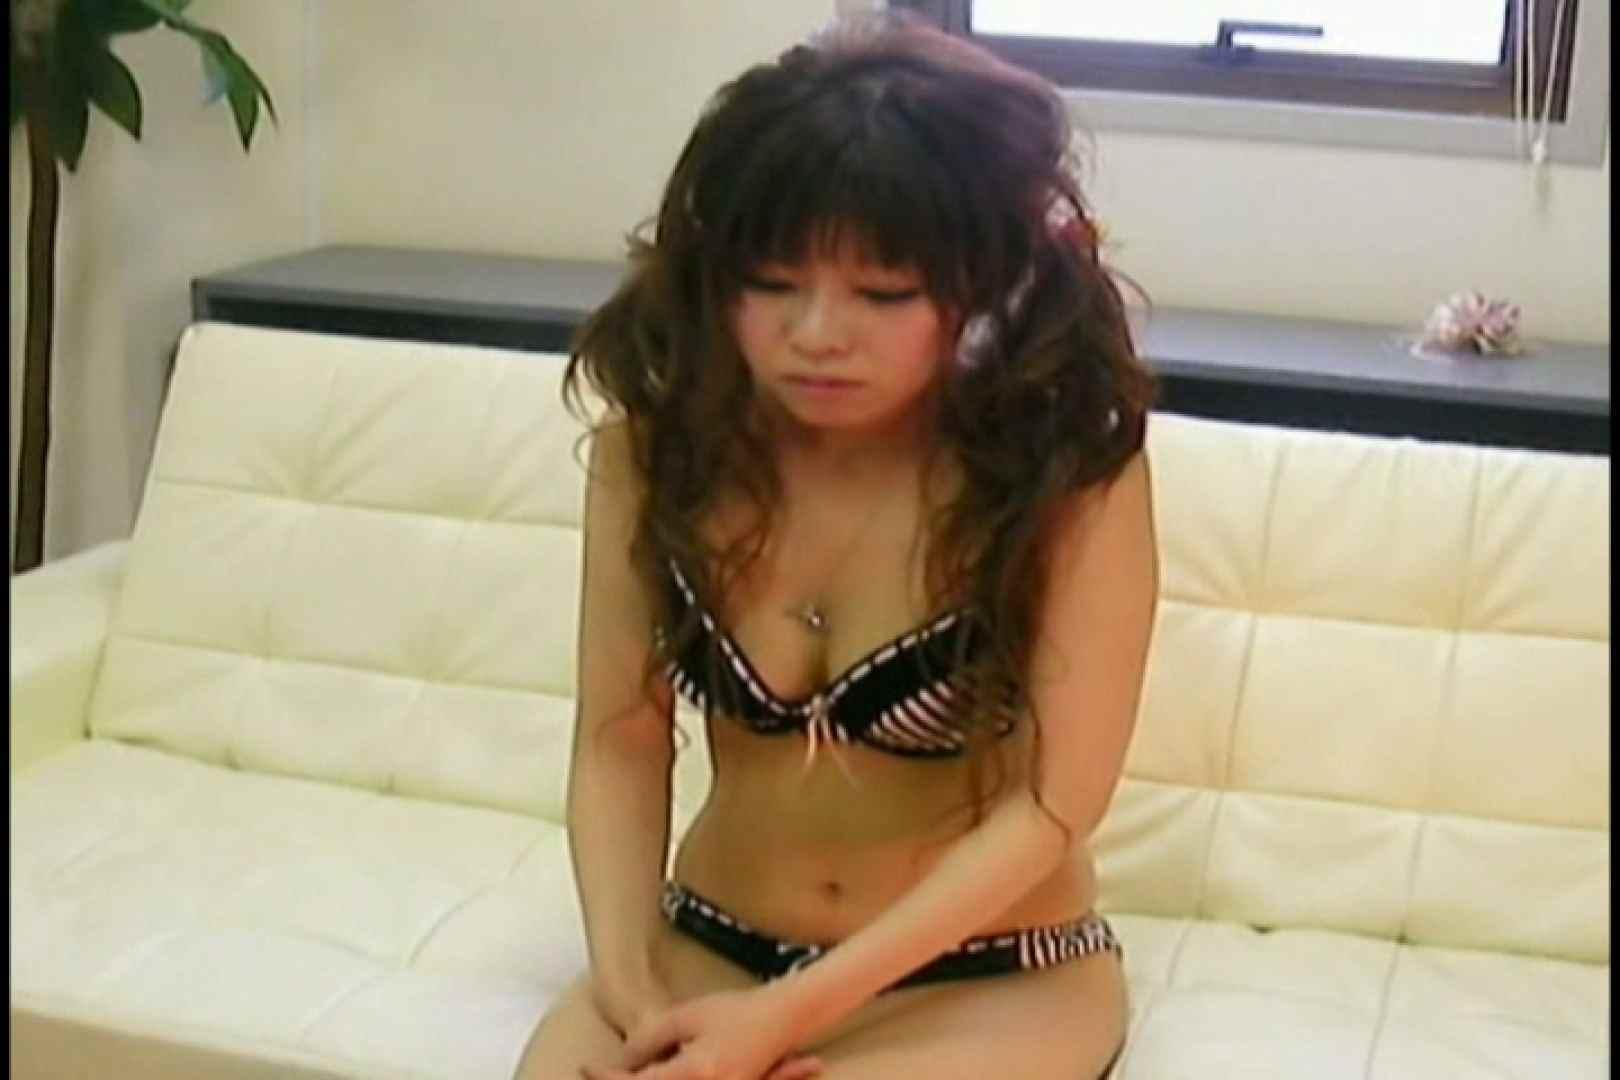 素人撮影 下着だけの撮影のはずが・・・まゆ20歳 着替え セックス画像 88pic 42